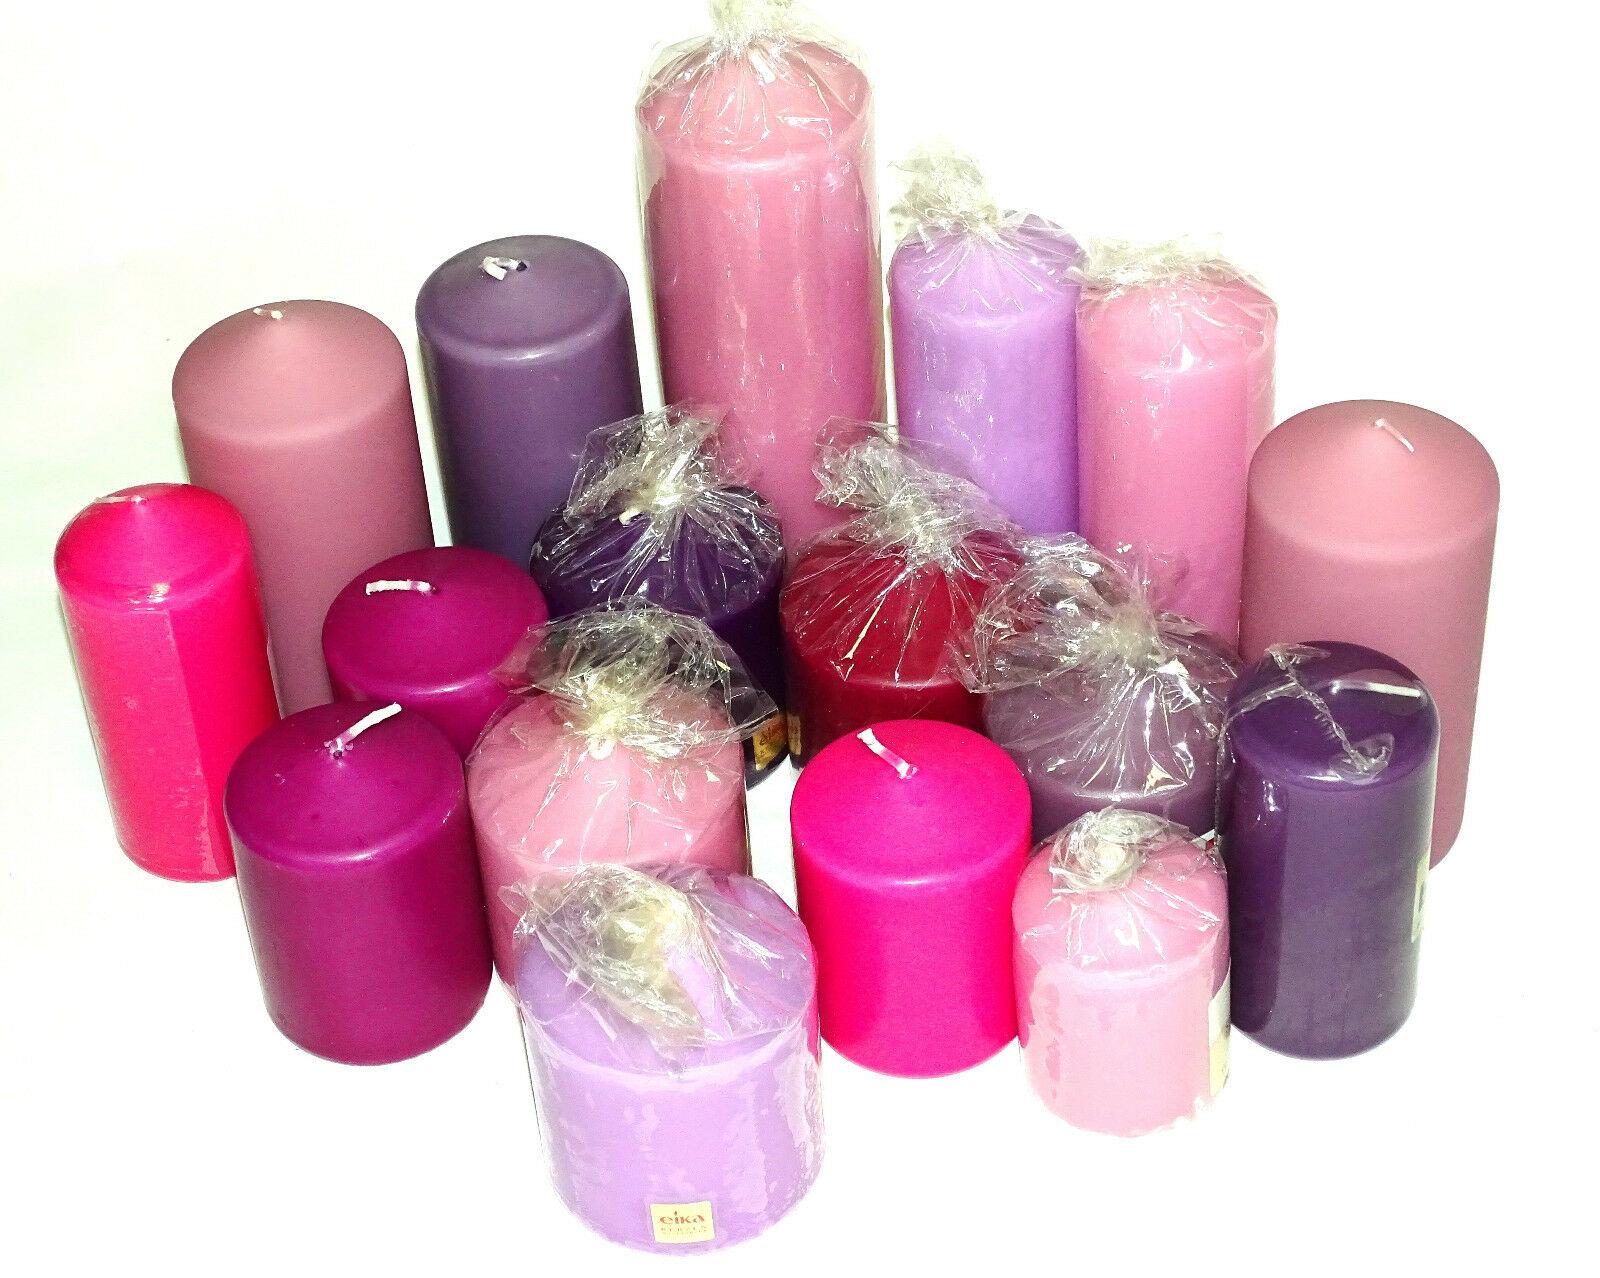 5 kg Qualität Stumpenkerzen Paket Kerzen Set Tischdeko gemischt nach Farben